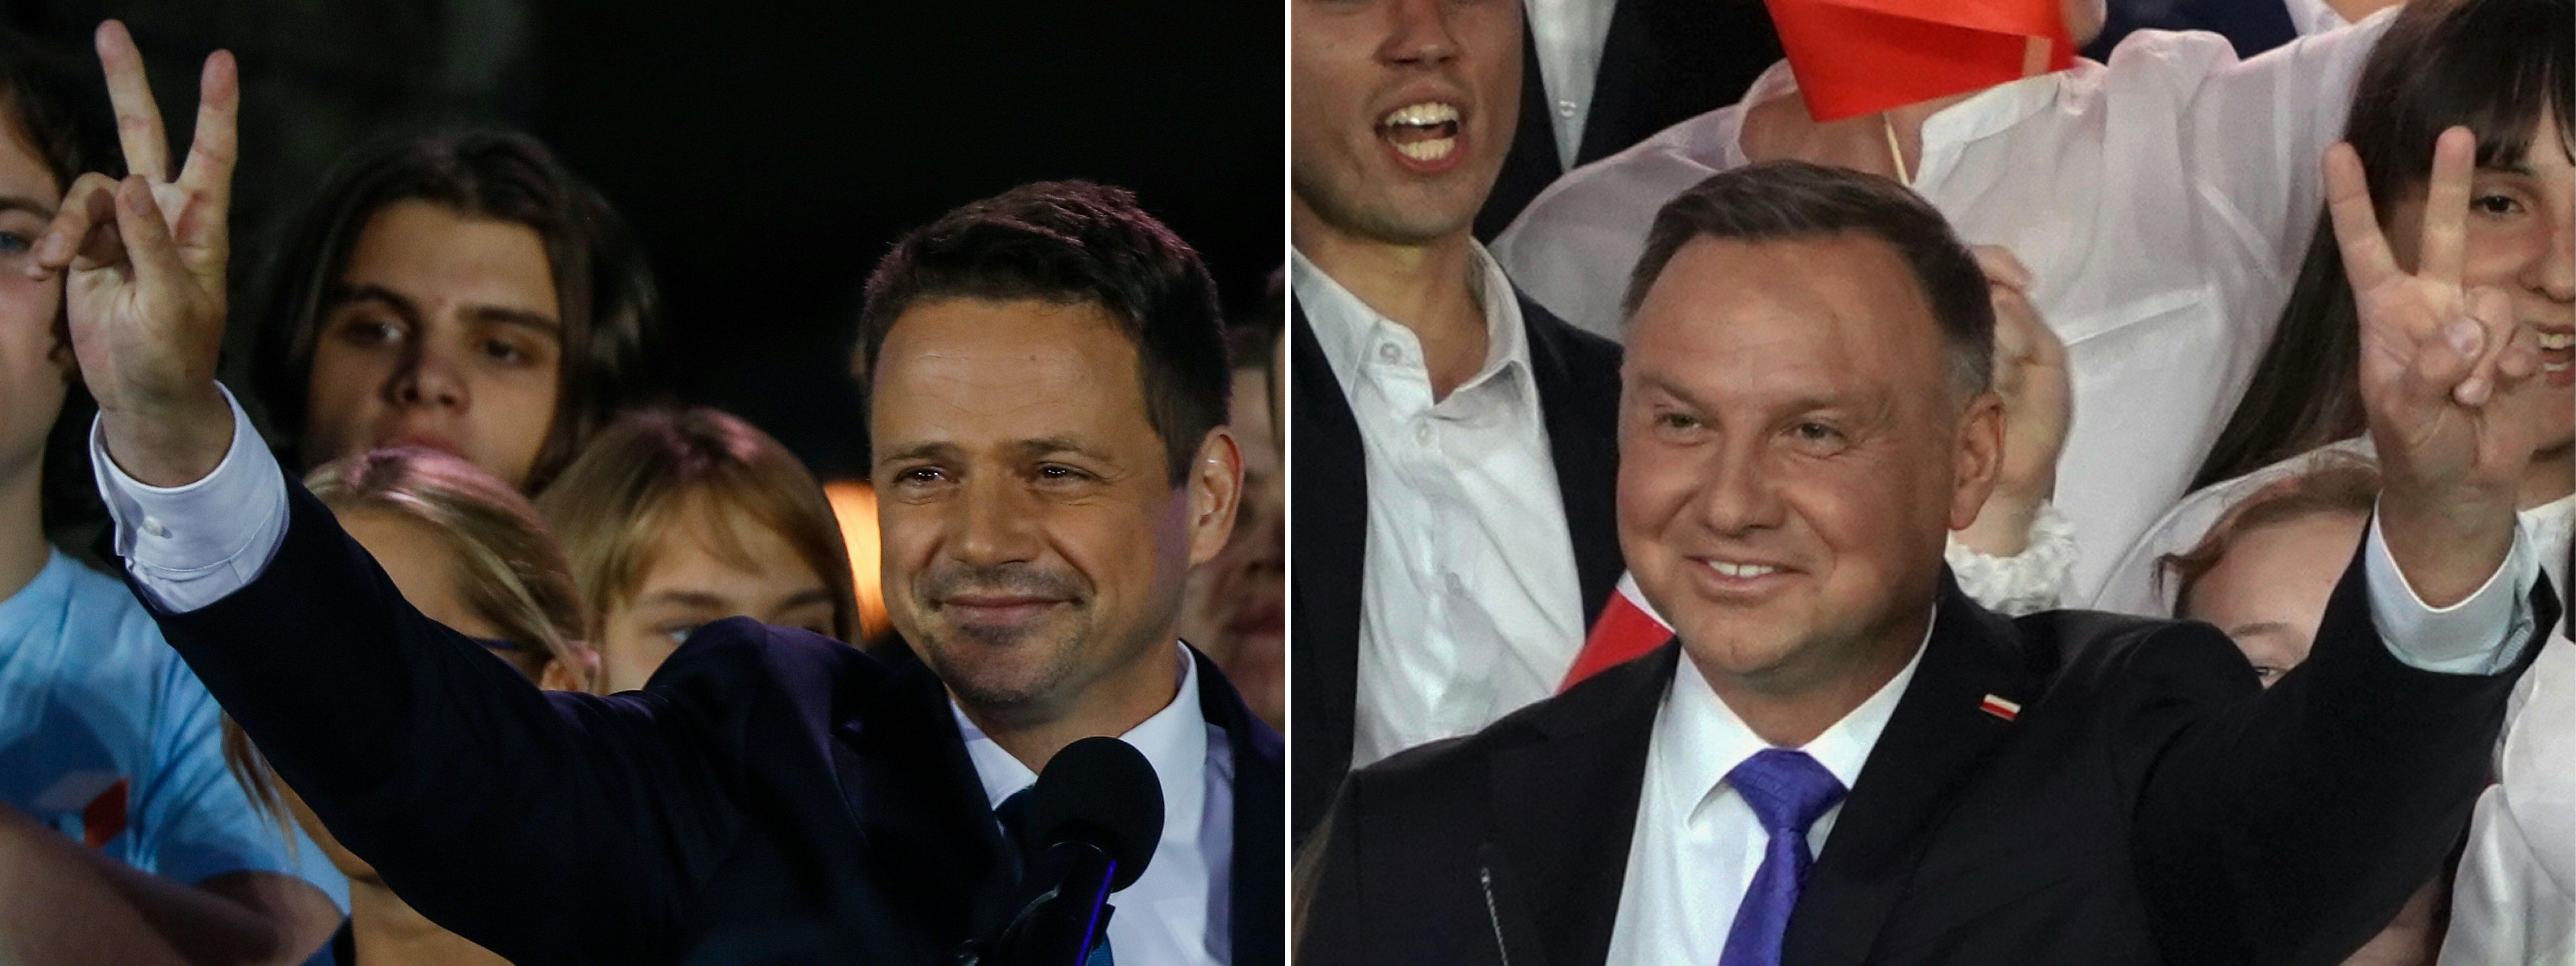 Elképesztően szoros a lengyel elnökválasztás, mindkét jelölt bízik a saját győzelmében